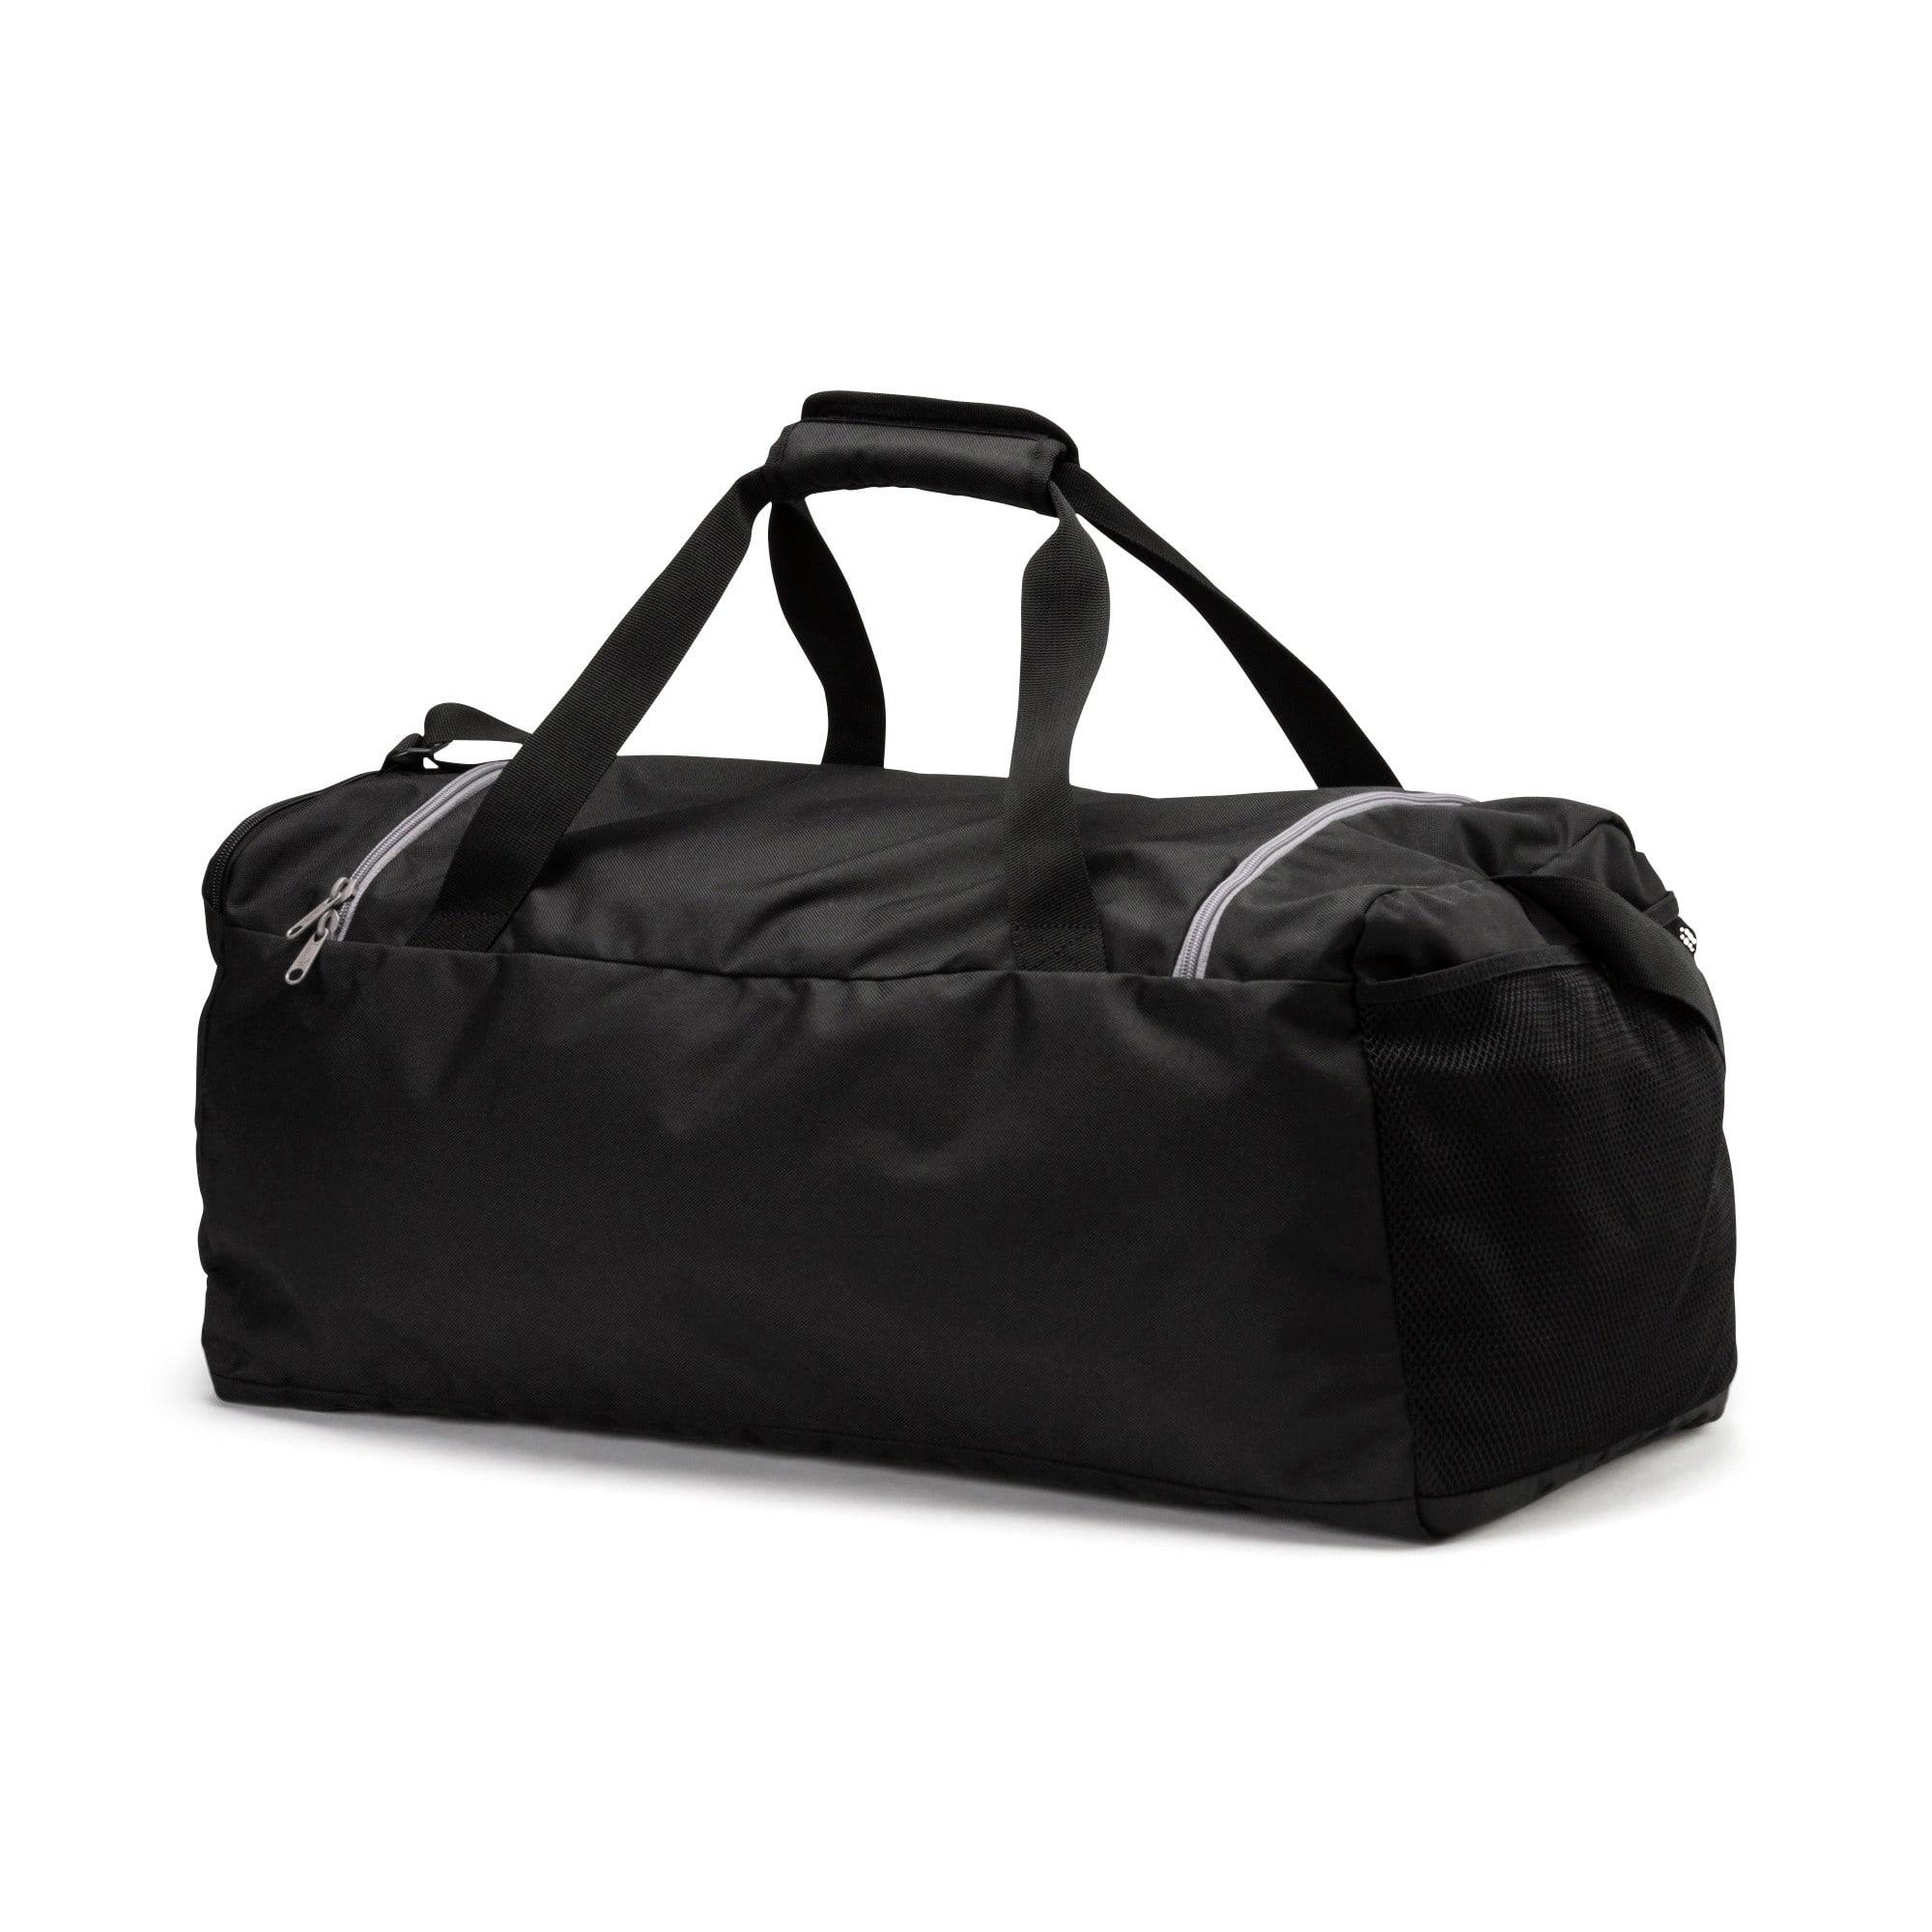 Thumbnail 2 of Fundamentals Medium Sports Bag, Puma Black, medium-IND